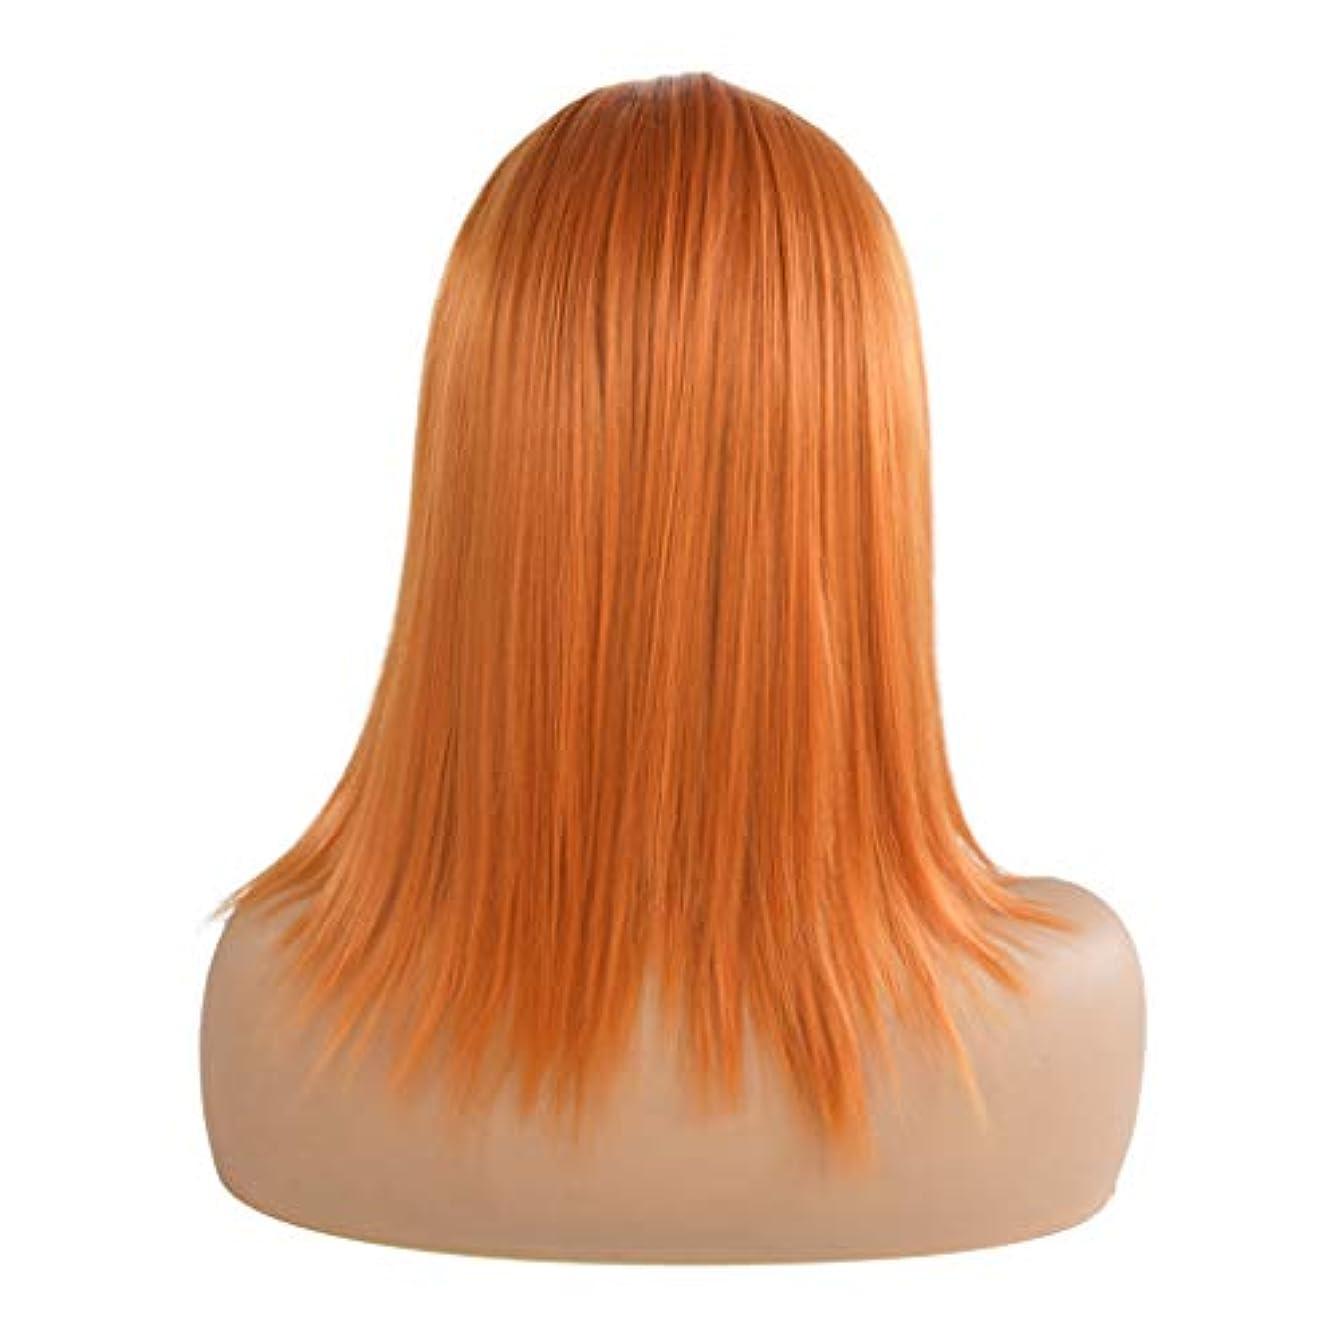 トーンコンテンツ倒錯ウィッグオレンジショートストレートヘアフロントレースファッションウィッグ18インチ